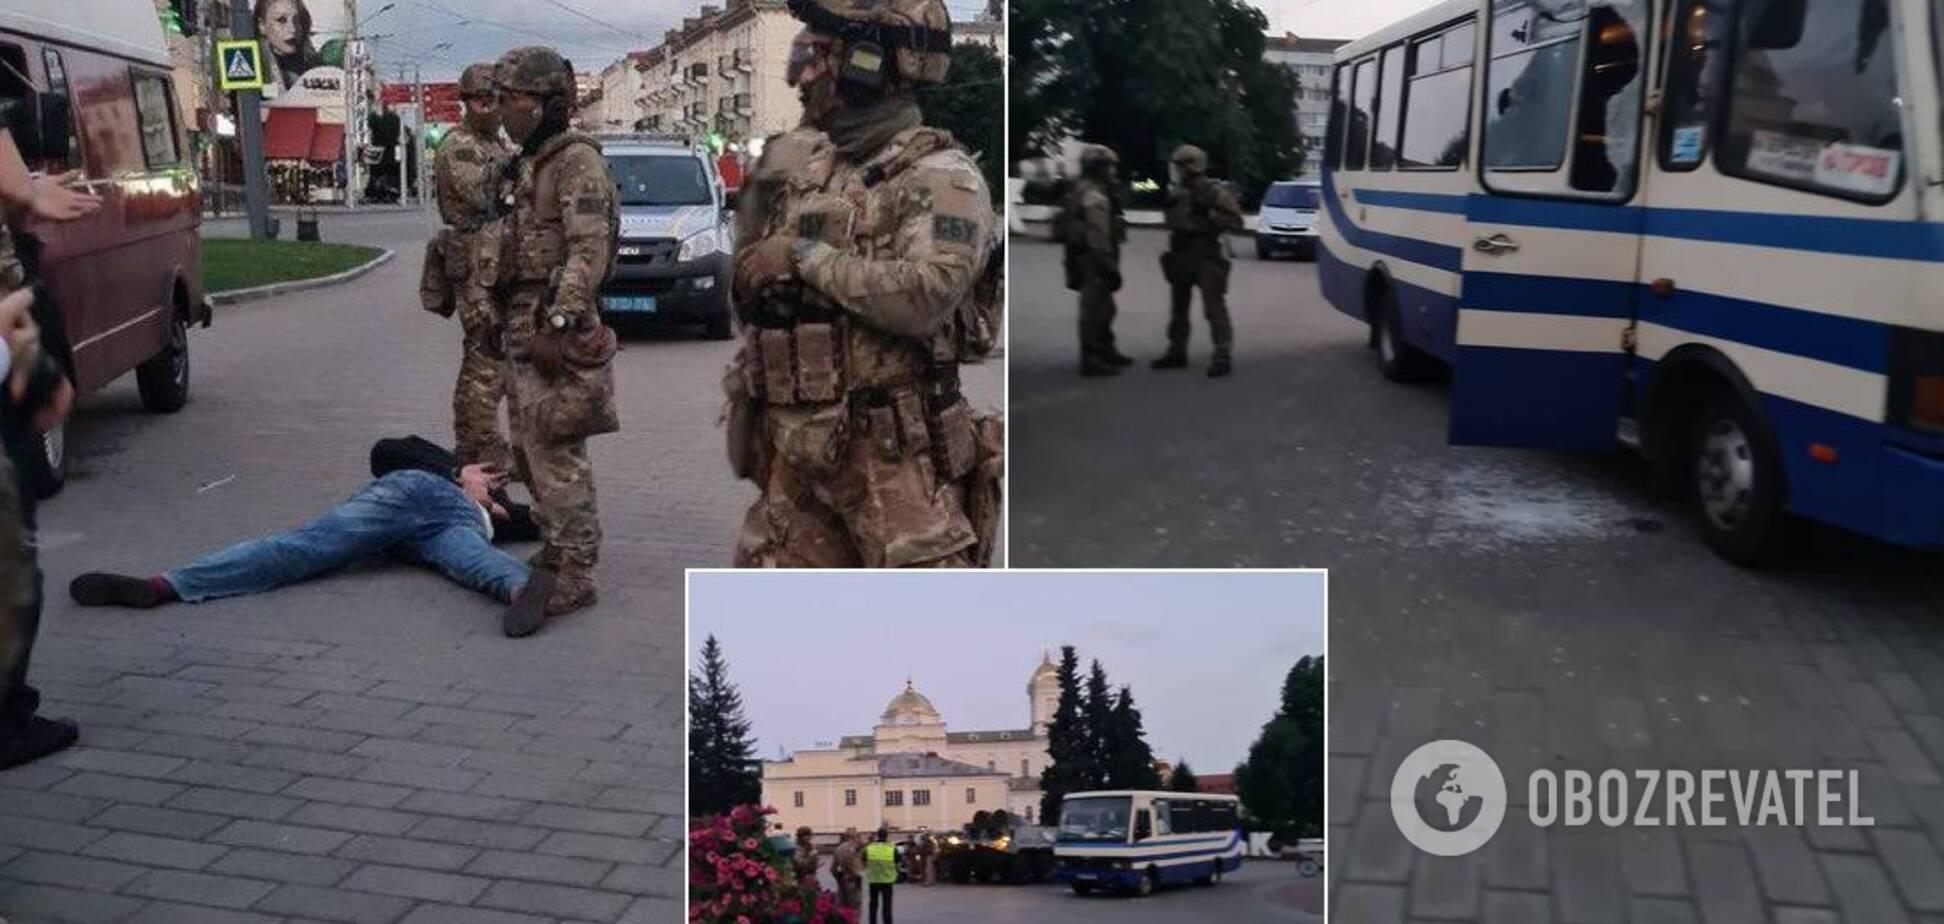 Луцкого террориста задержали, всех заложников освободили